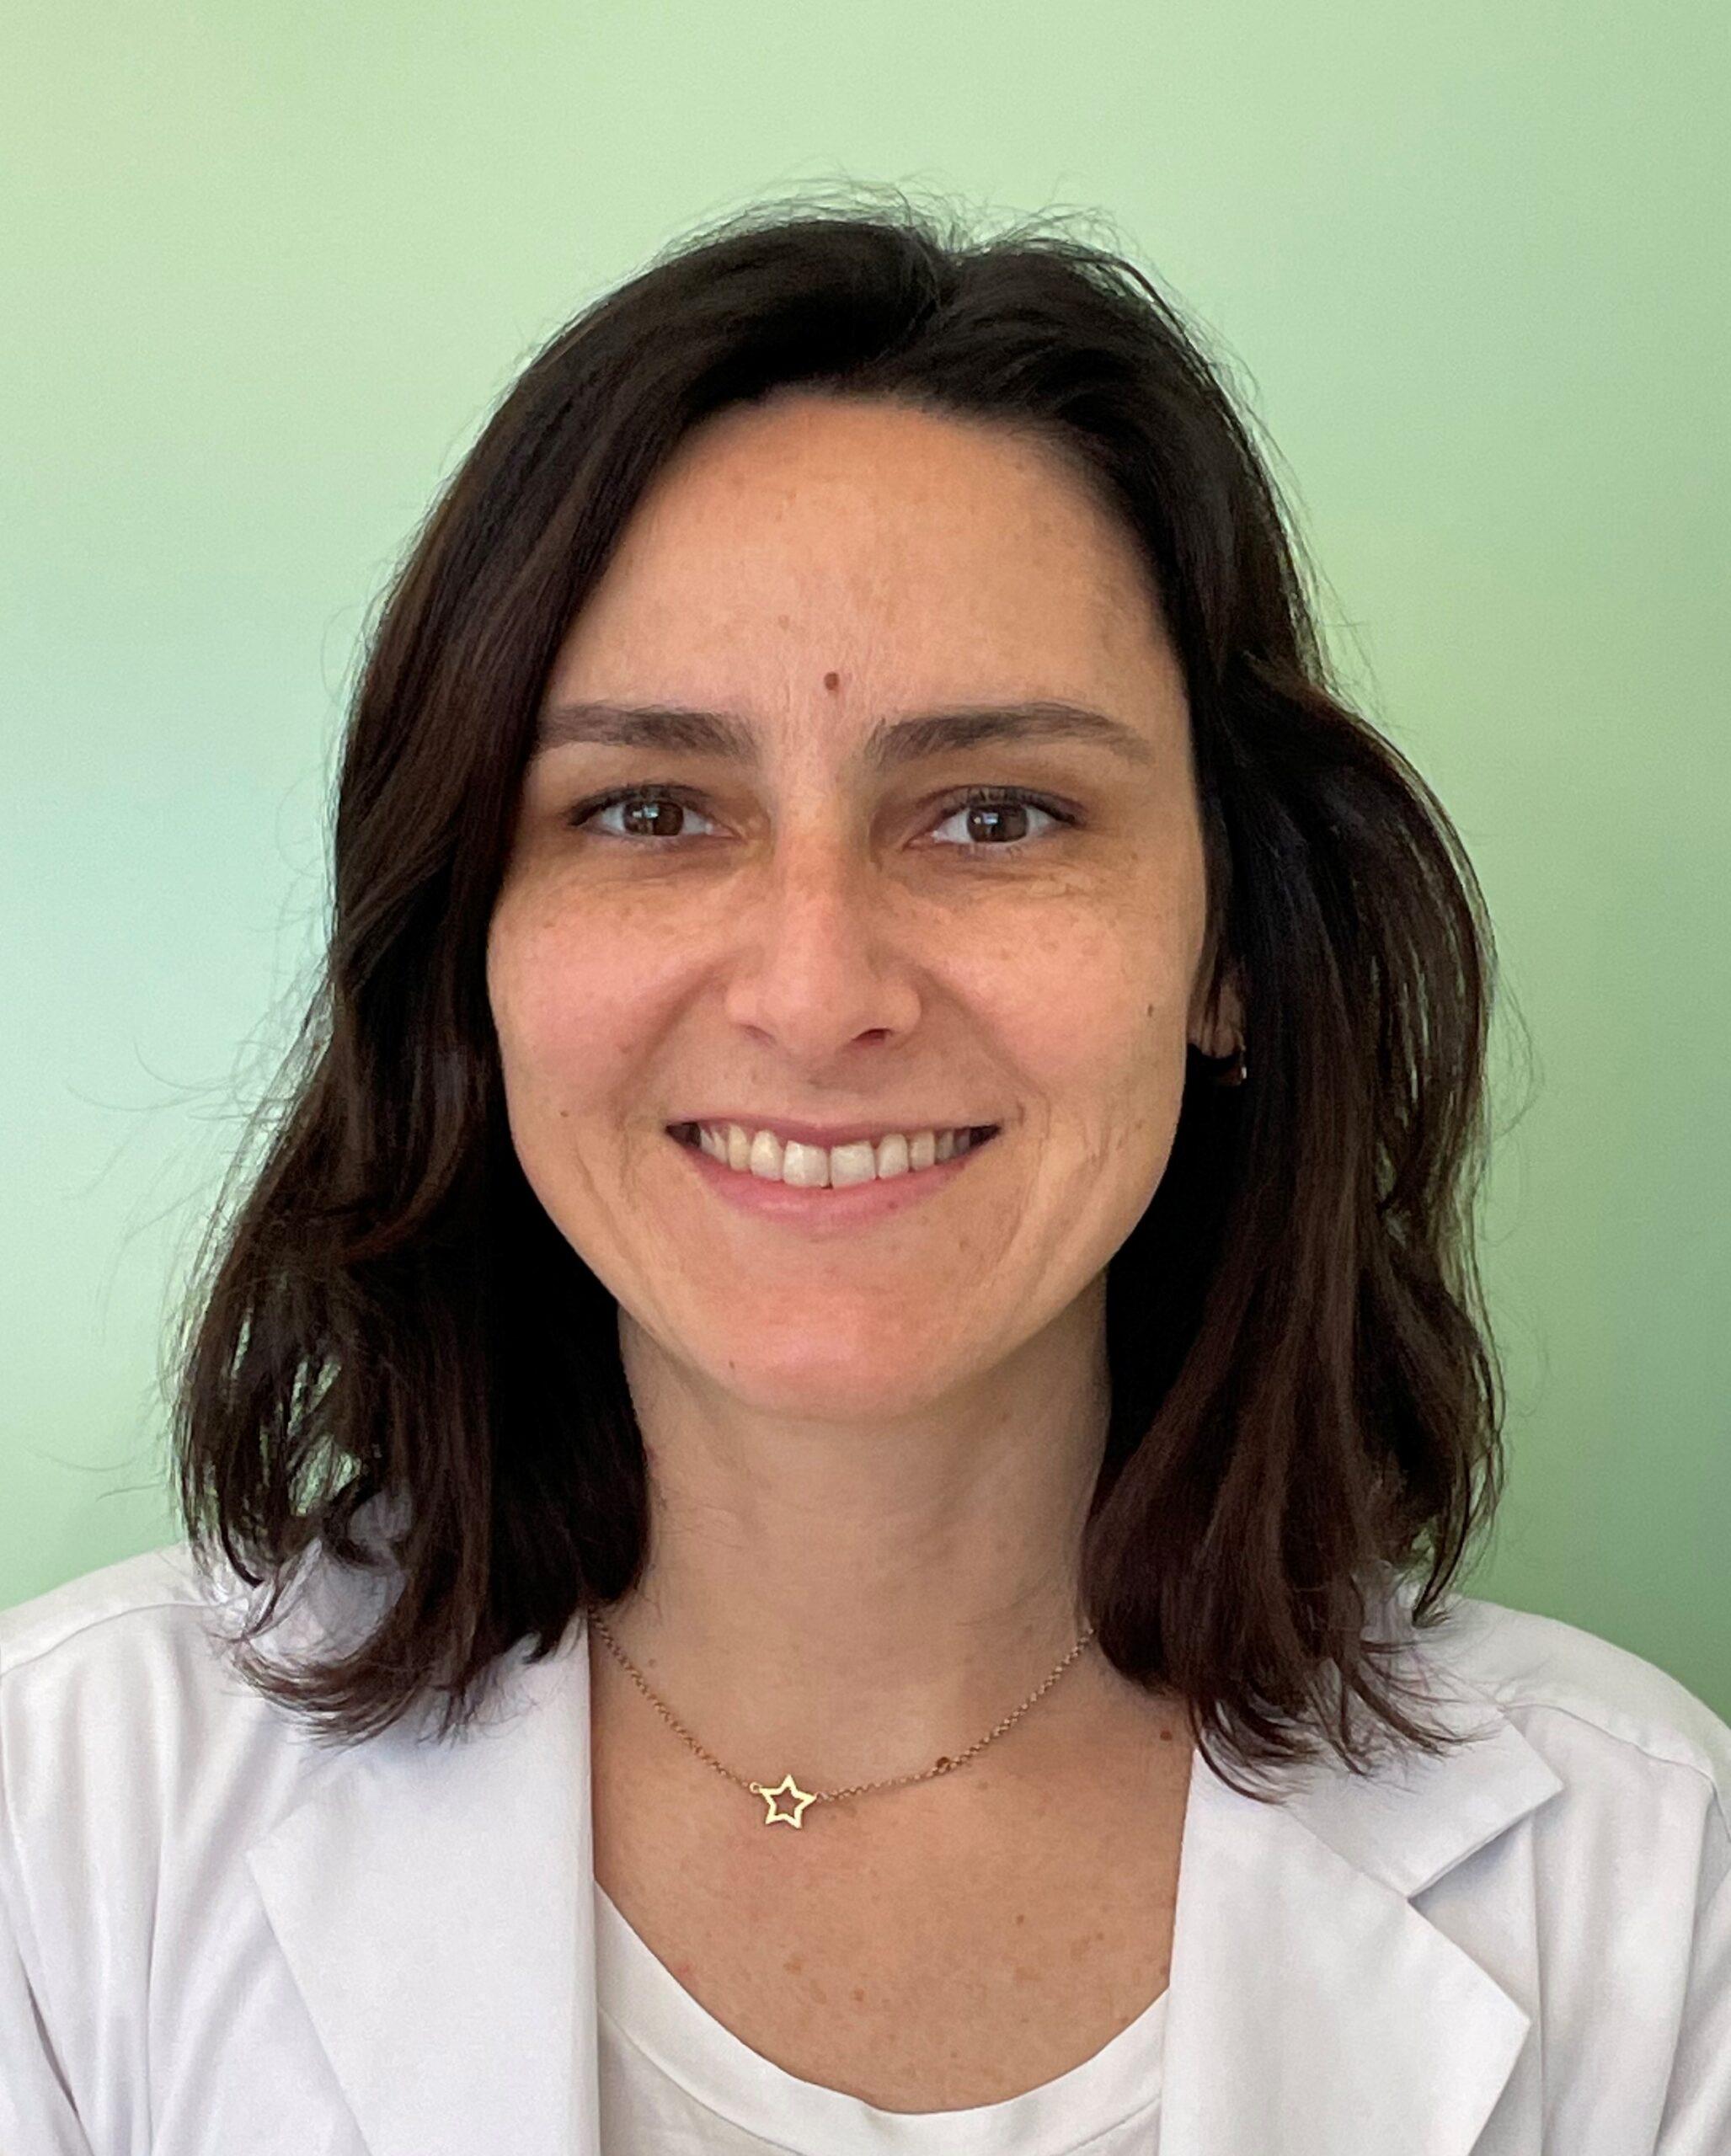 Médico Especialista en Hematología. Responsable Banco de Tejidos del Centro de Transfusiones, Tejidos y Células de Málaga.